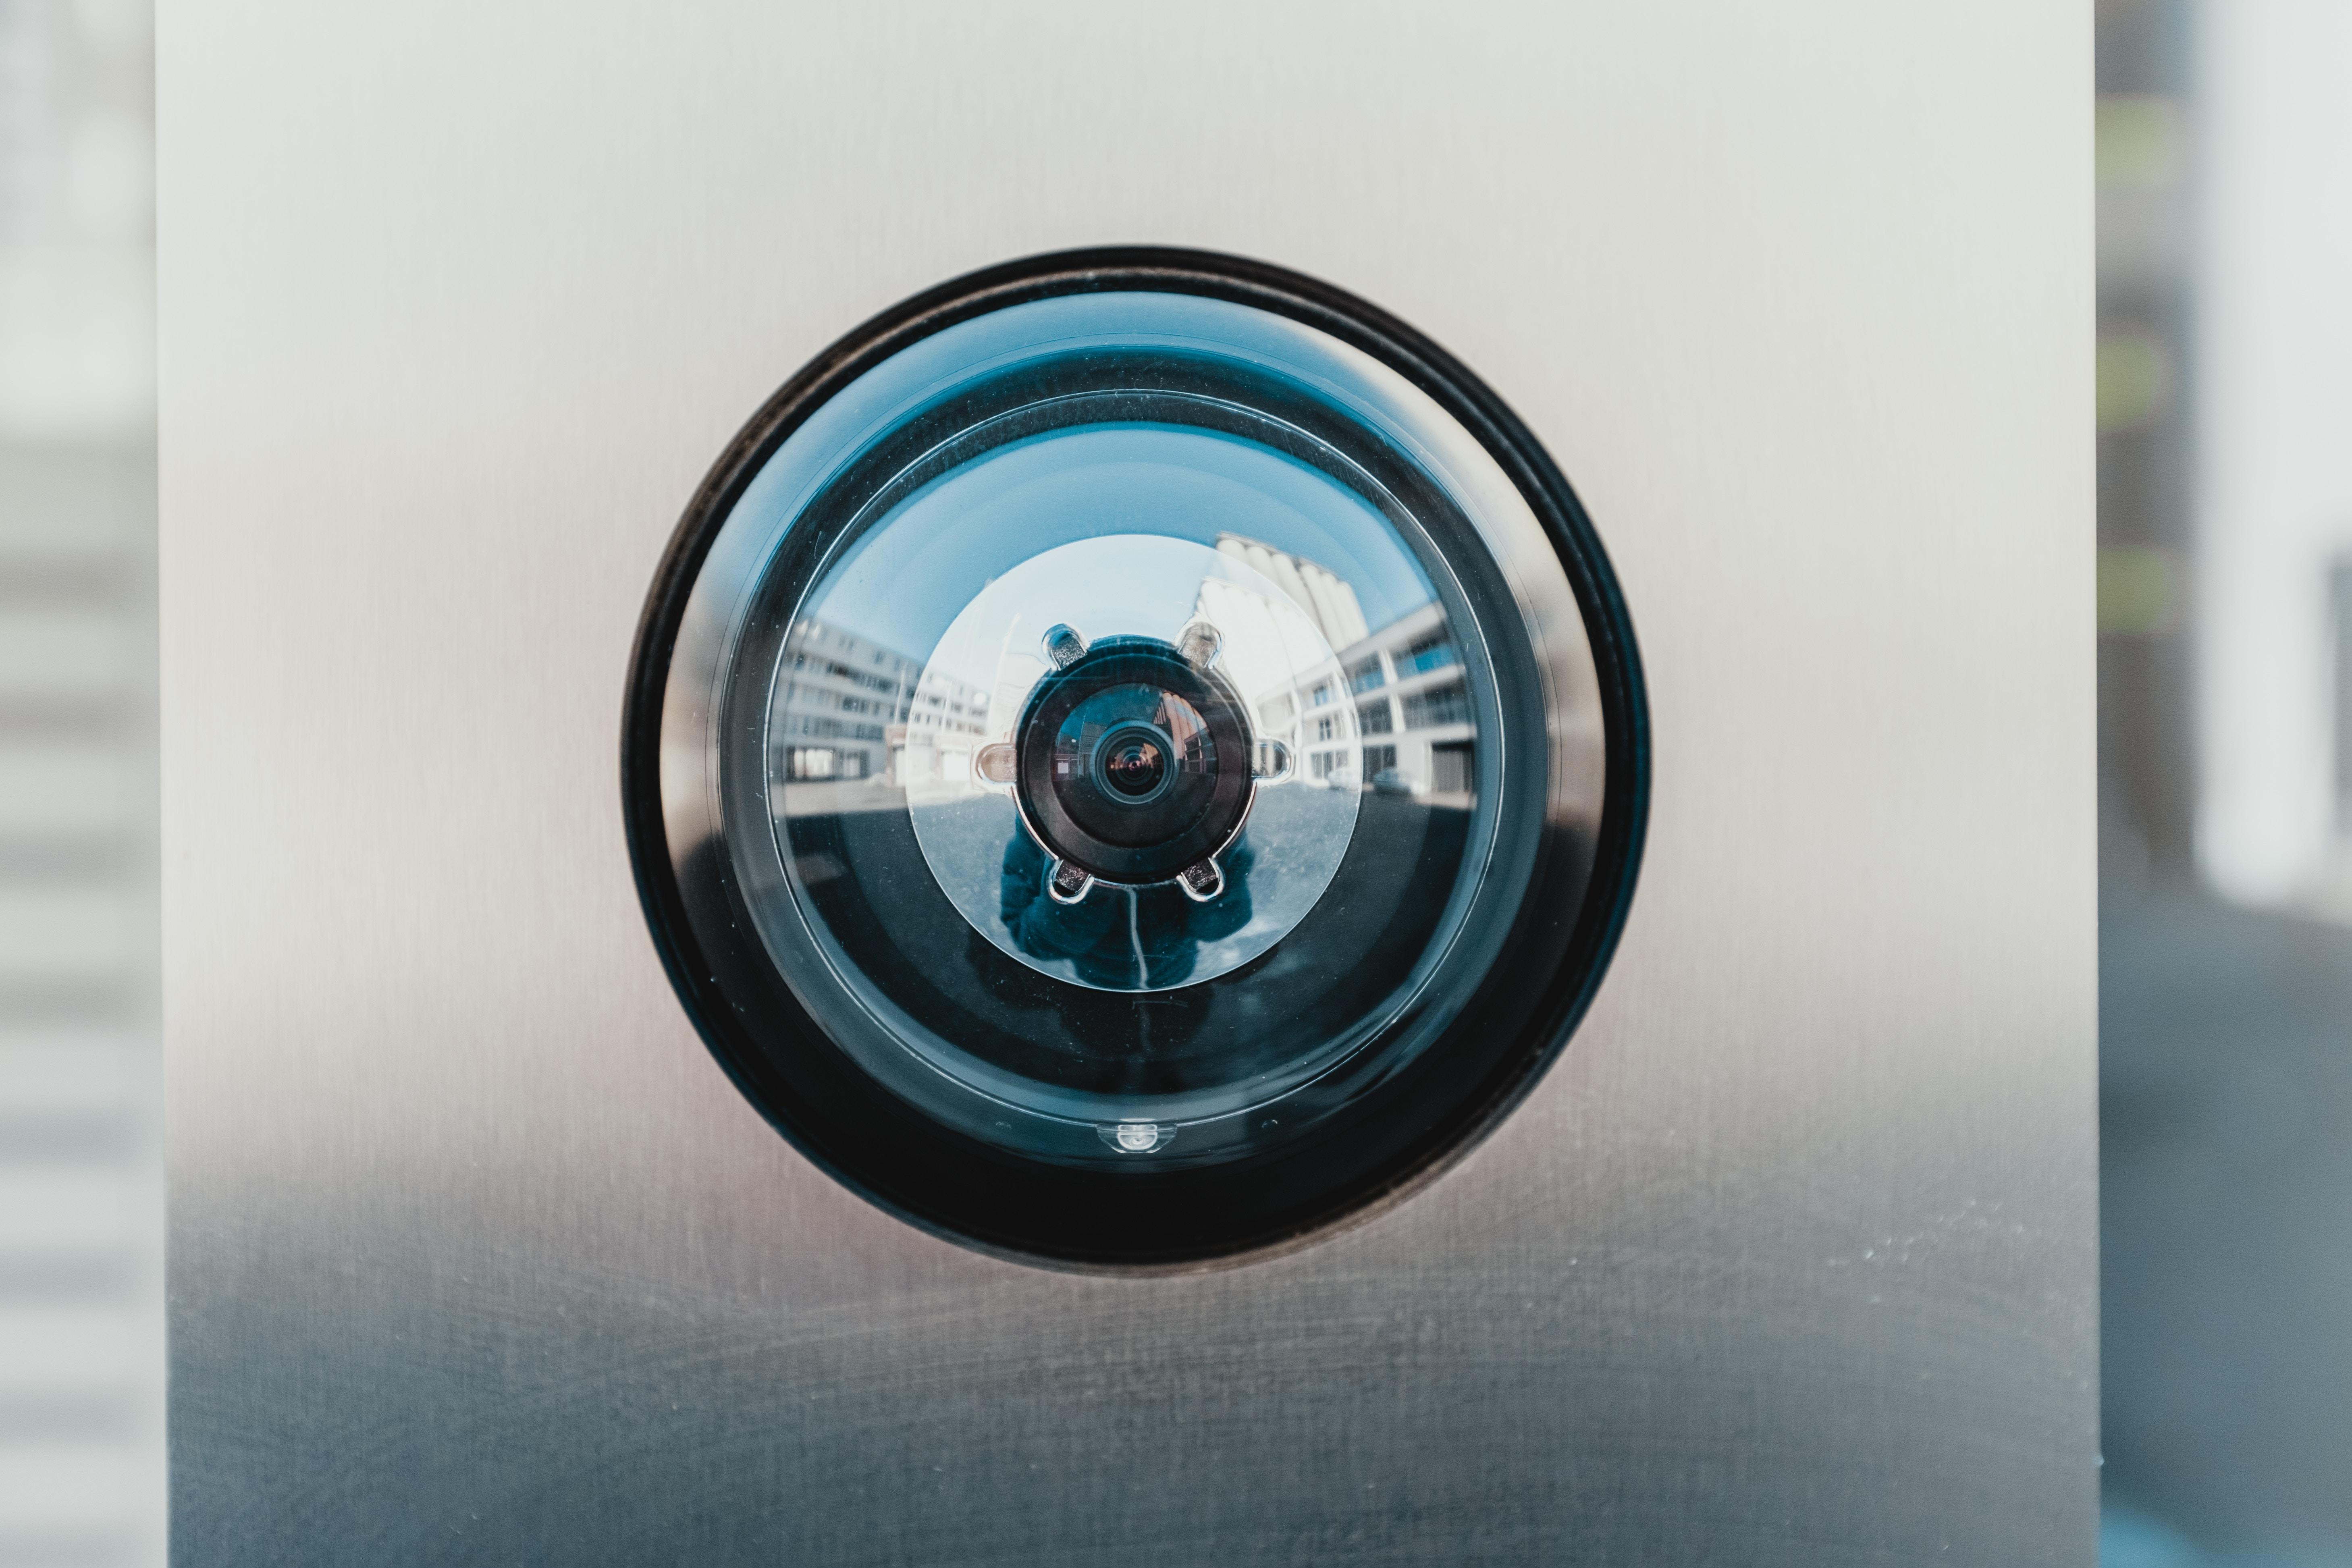 Ici, ce n est pas la sécurité de votre logement qui est visée, mais la  vôtre et celle de vos proches. da538aac201f